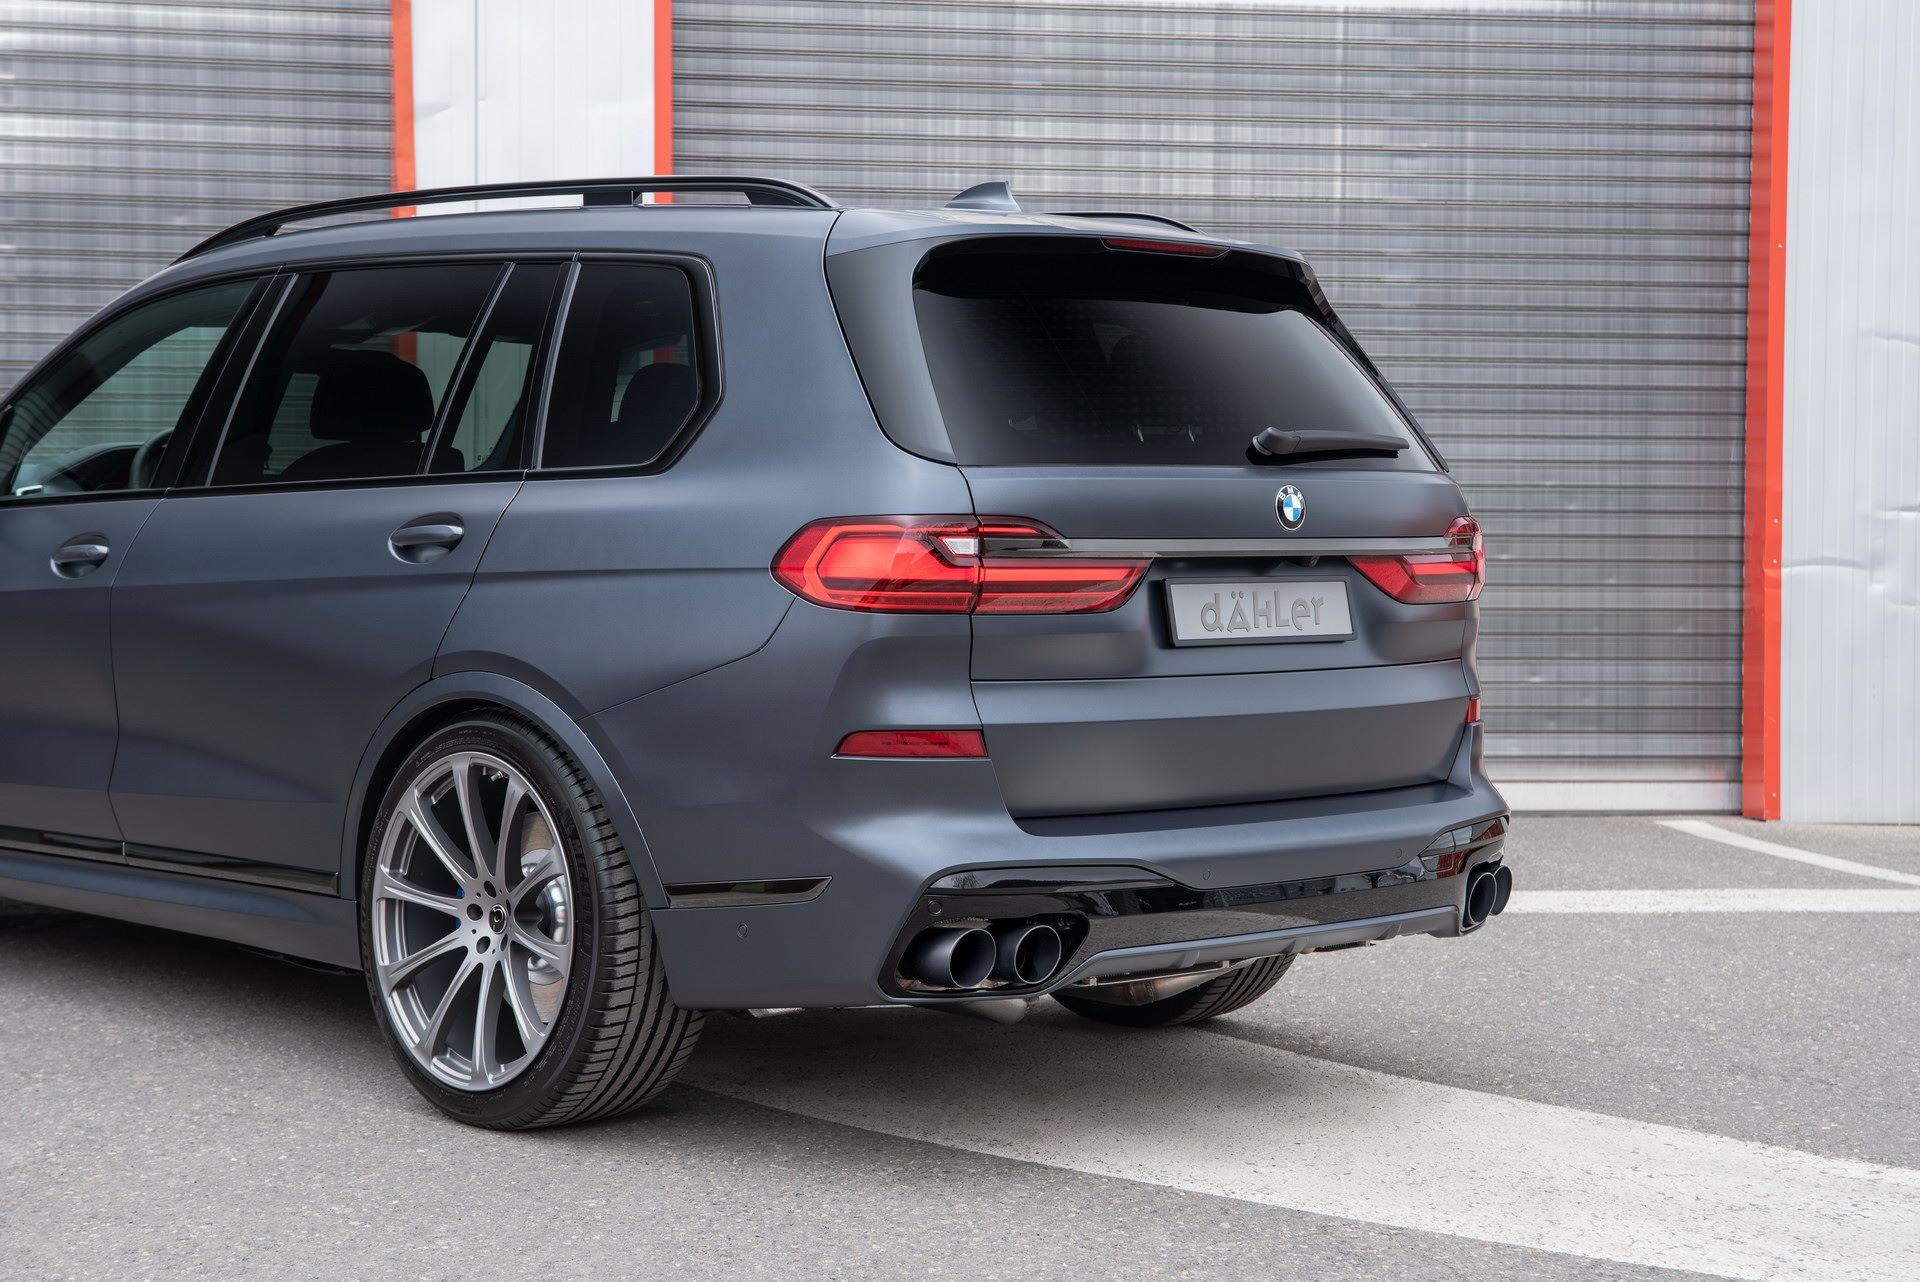 BMW-X7-by-Dahler-9